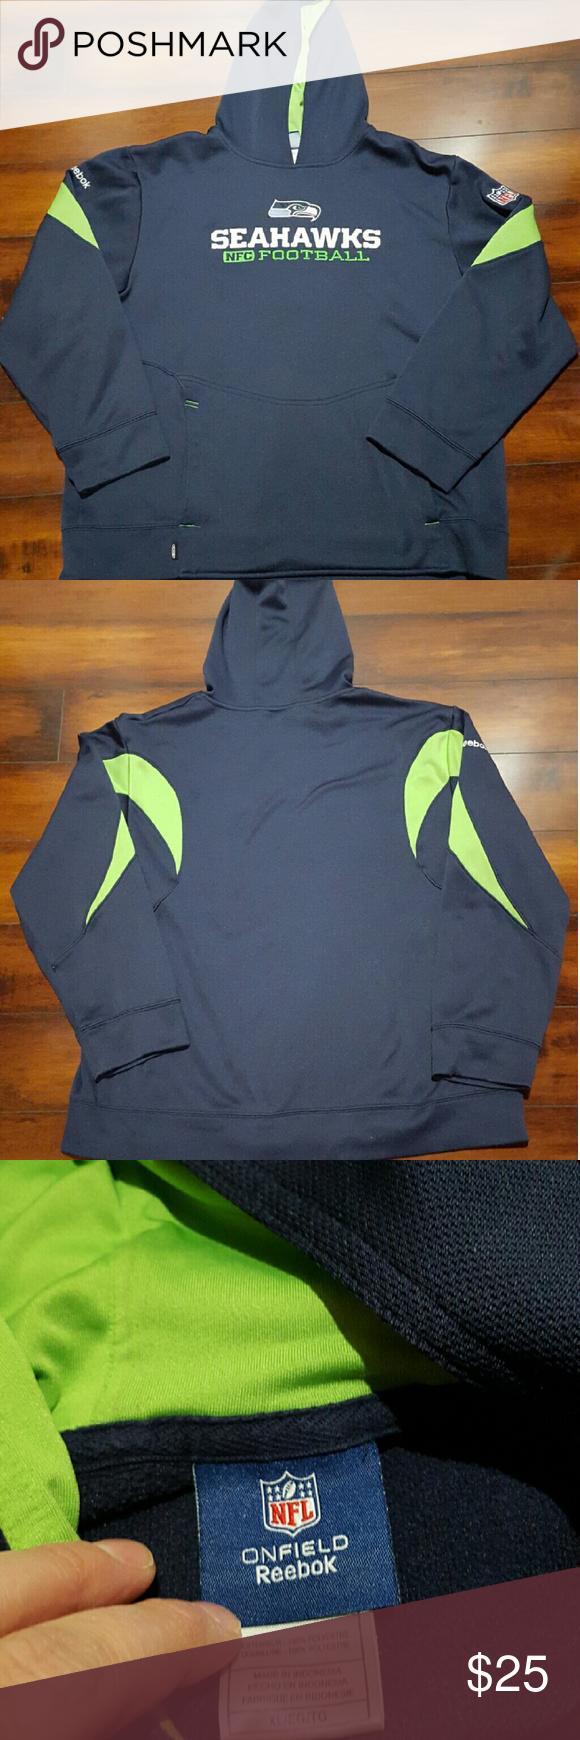 best service 41bb3 8df63 Men's NFL Reebok Seattle Seahawks hoodie, XL Men's navy blue ...